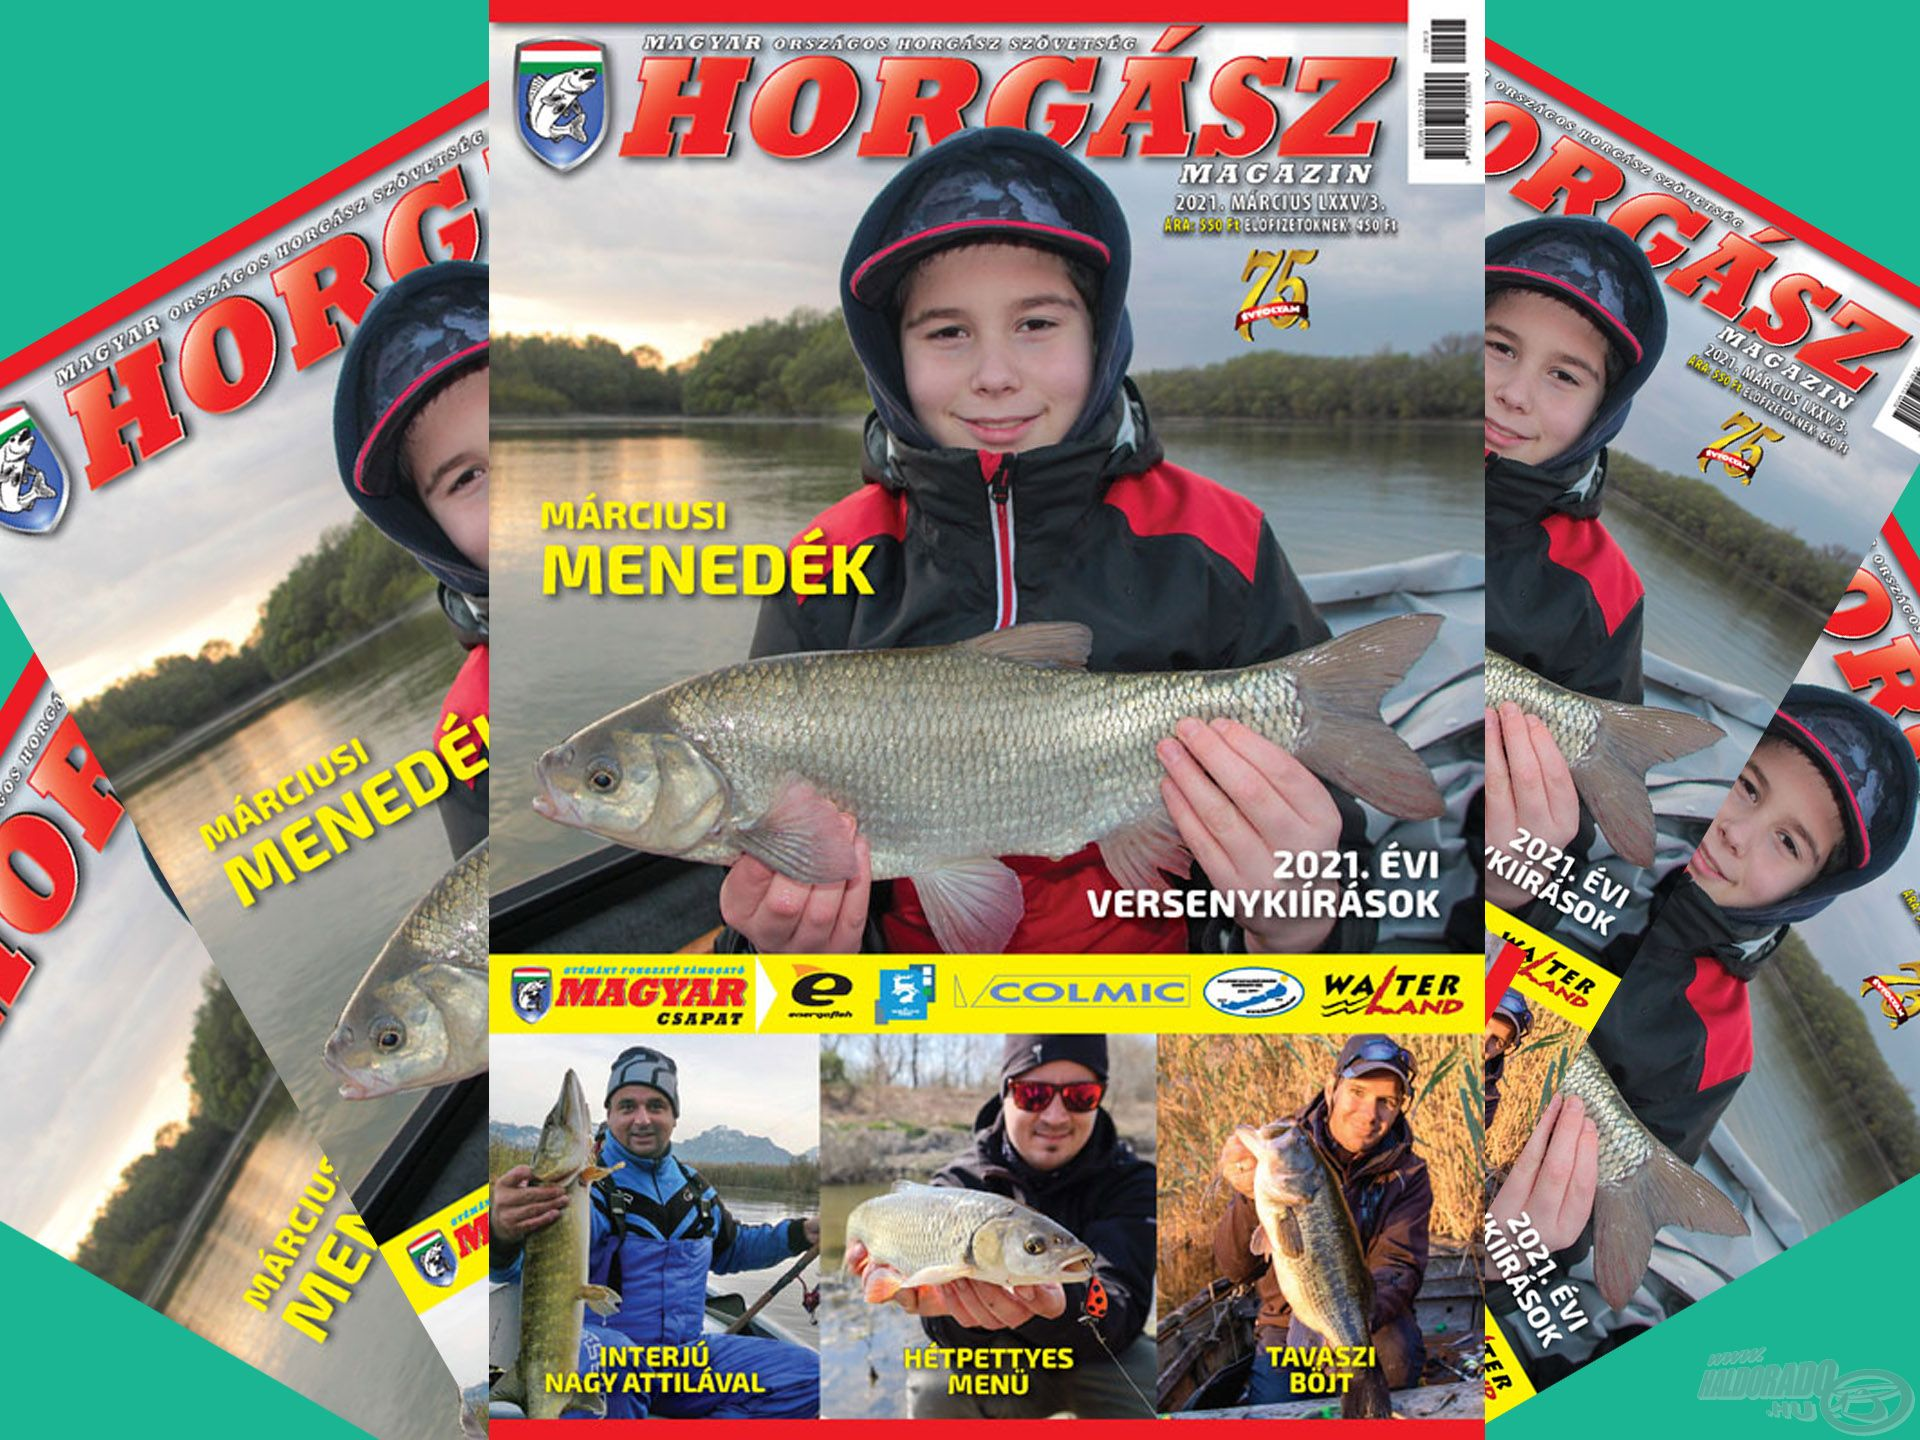 Megjelent a Magyar Horgász 2021. márciusi száma